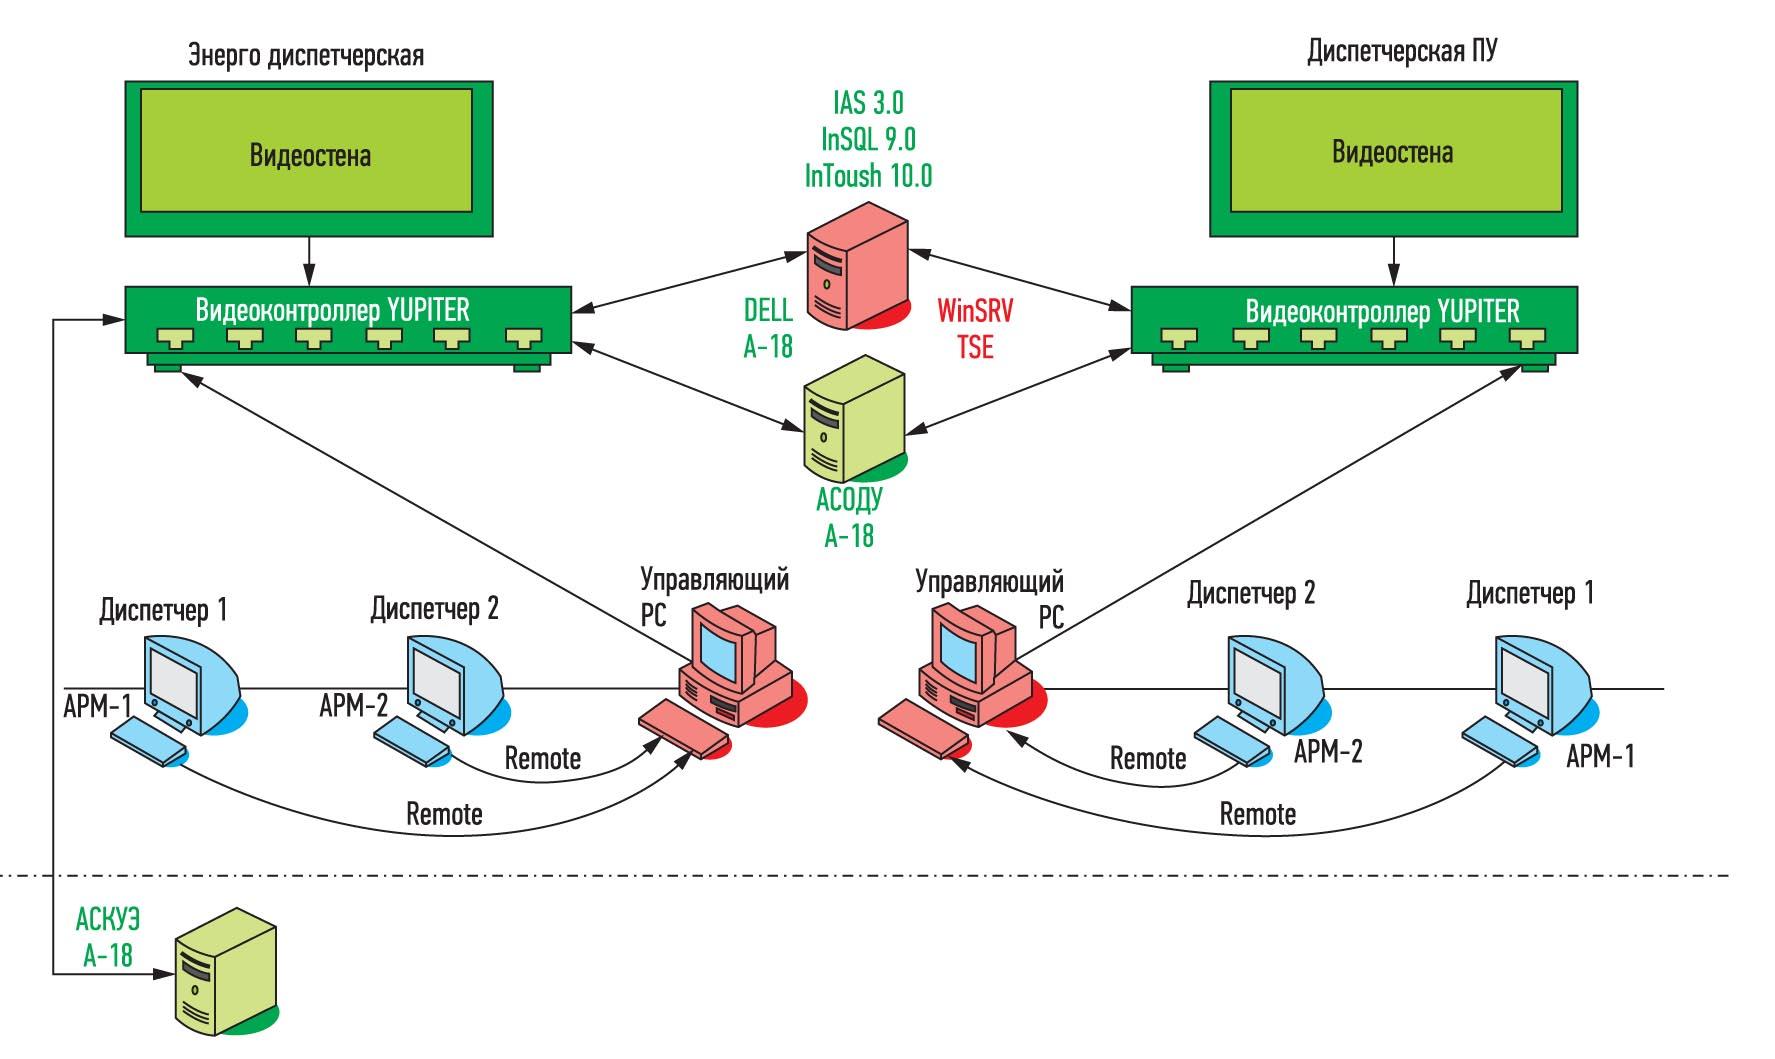 труктурная схема системы производственного мониторинга в диспетчерской